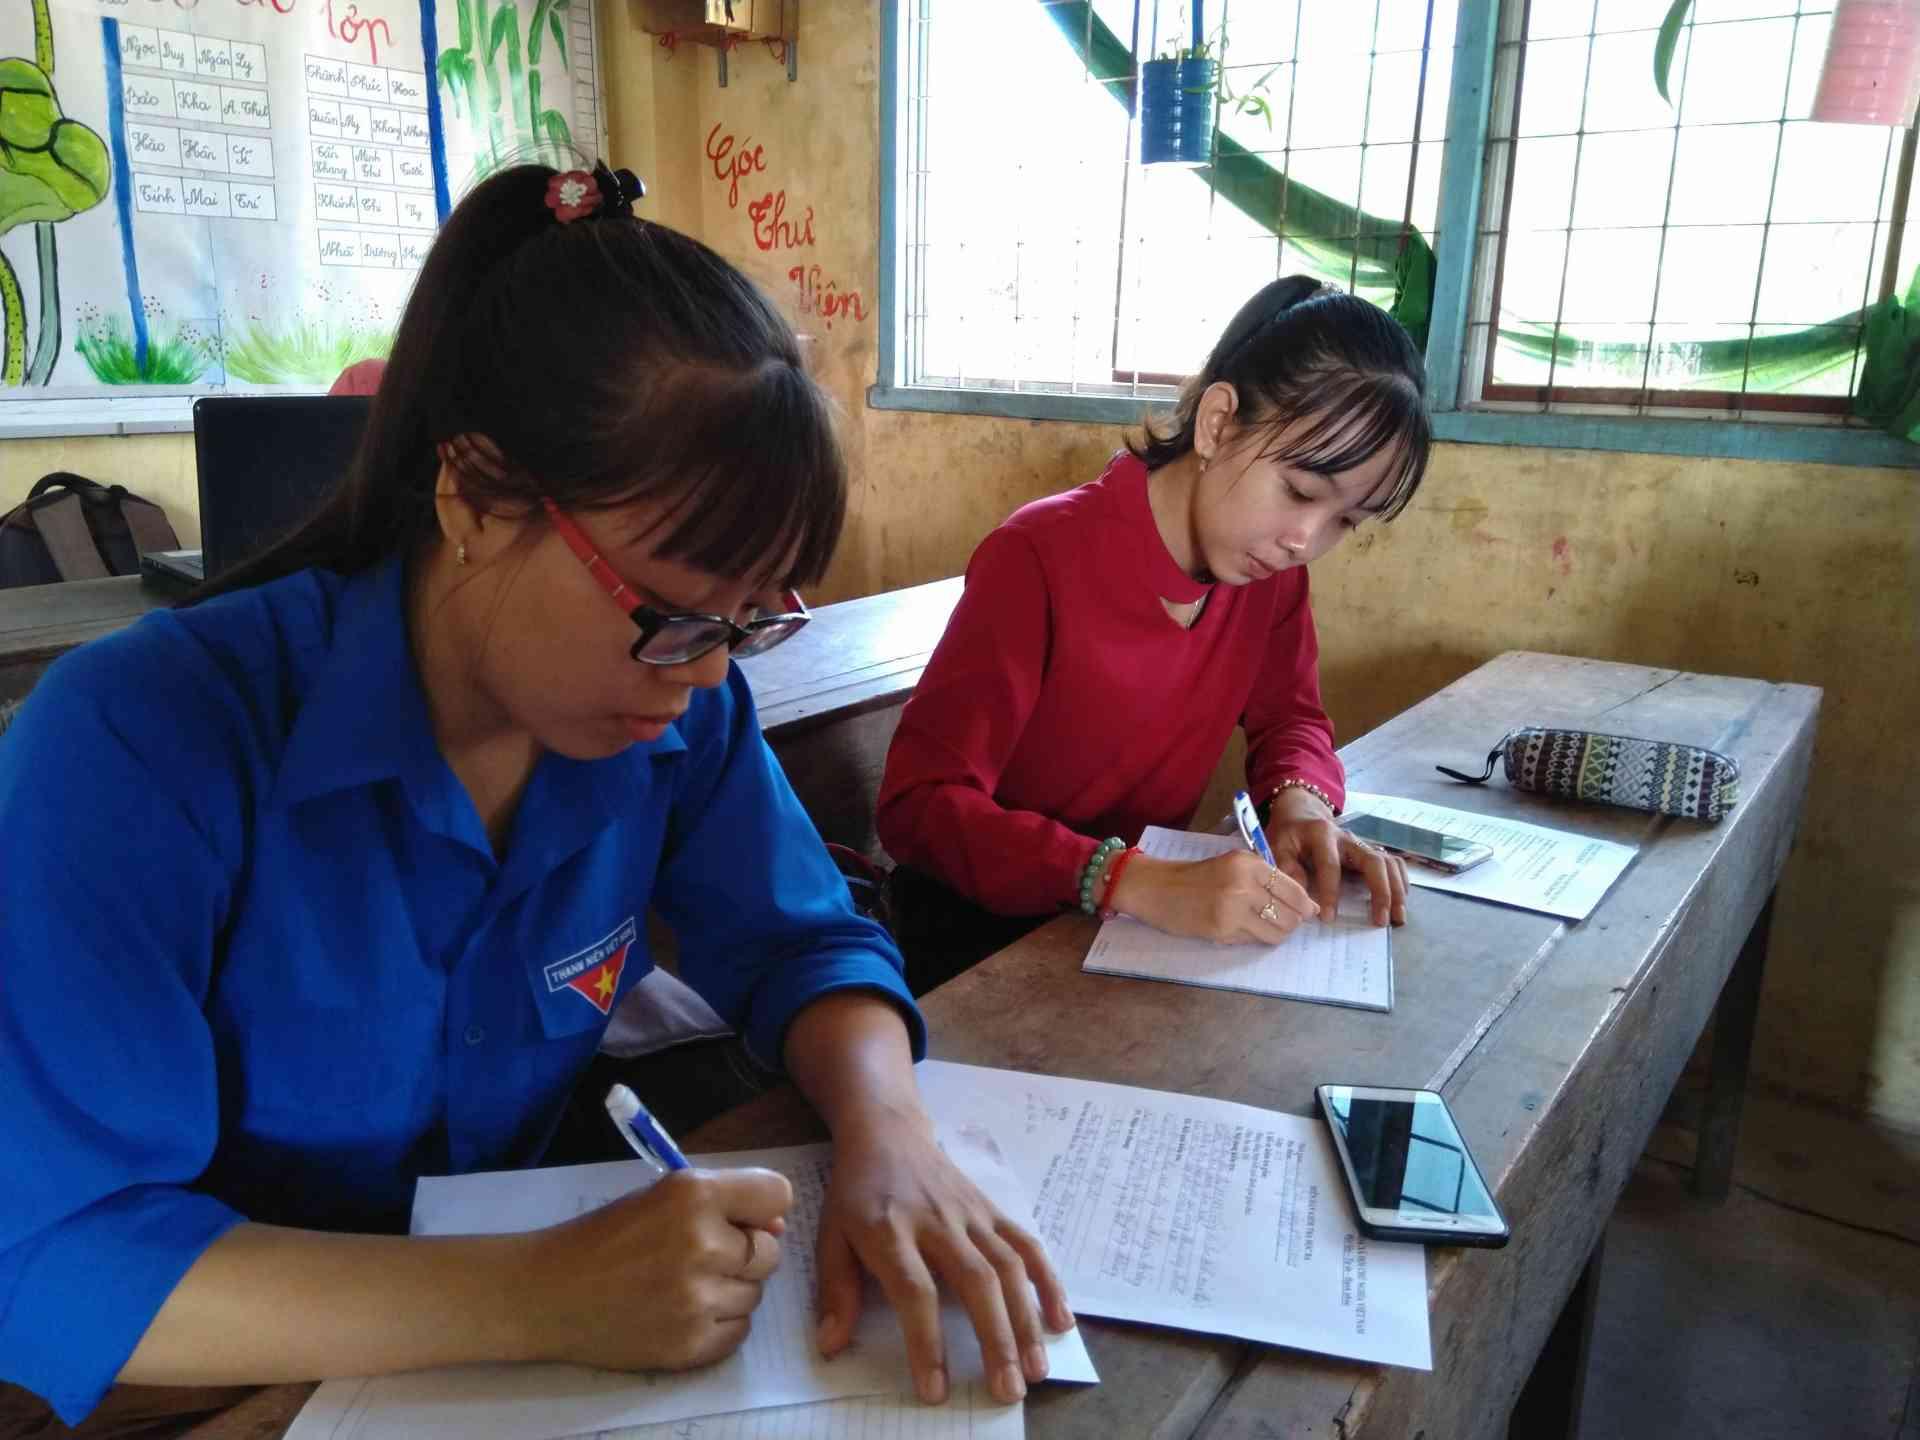 Giáo viên ghi chép cẩn thận trong buổi tổng kết chuyên môn.